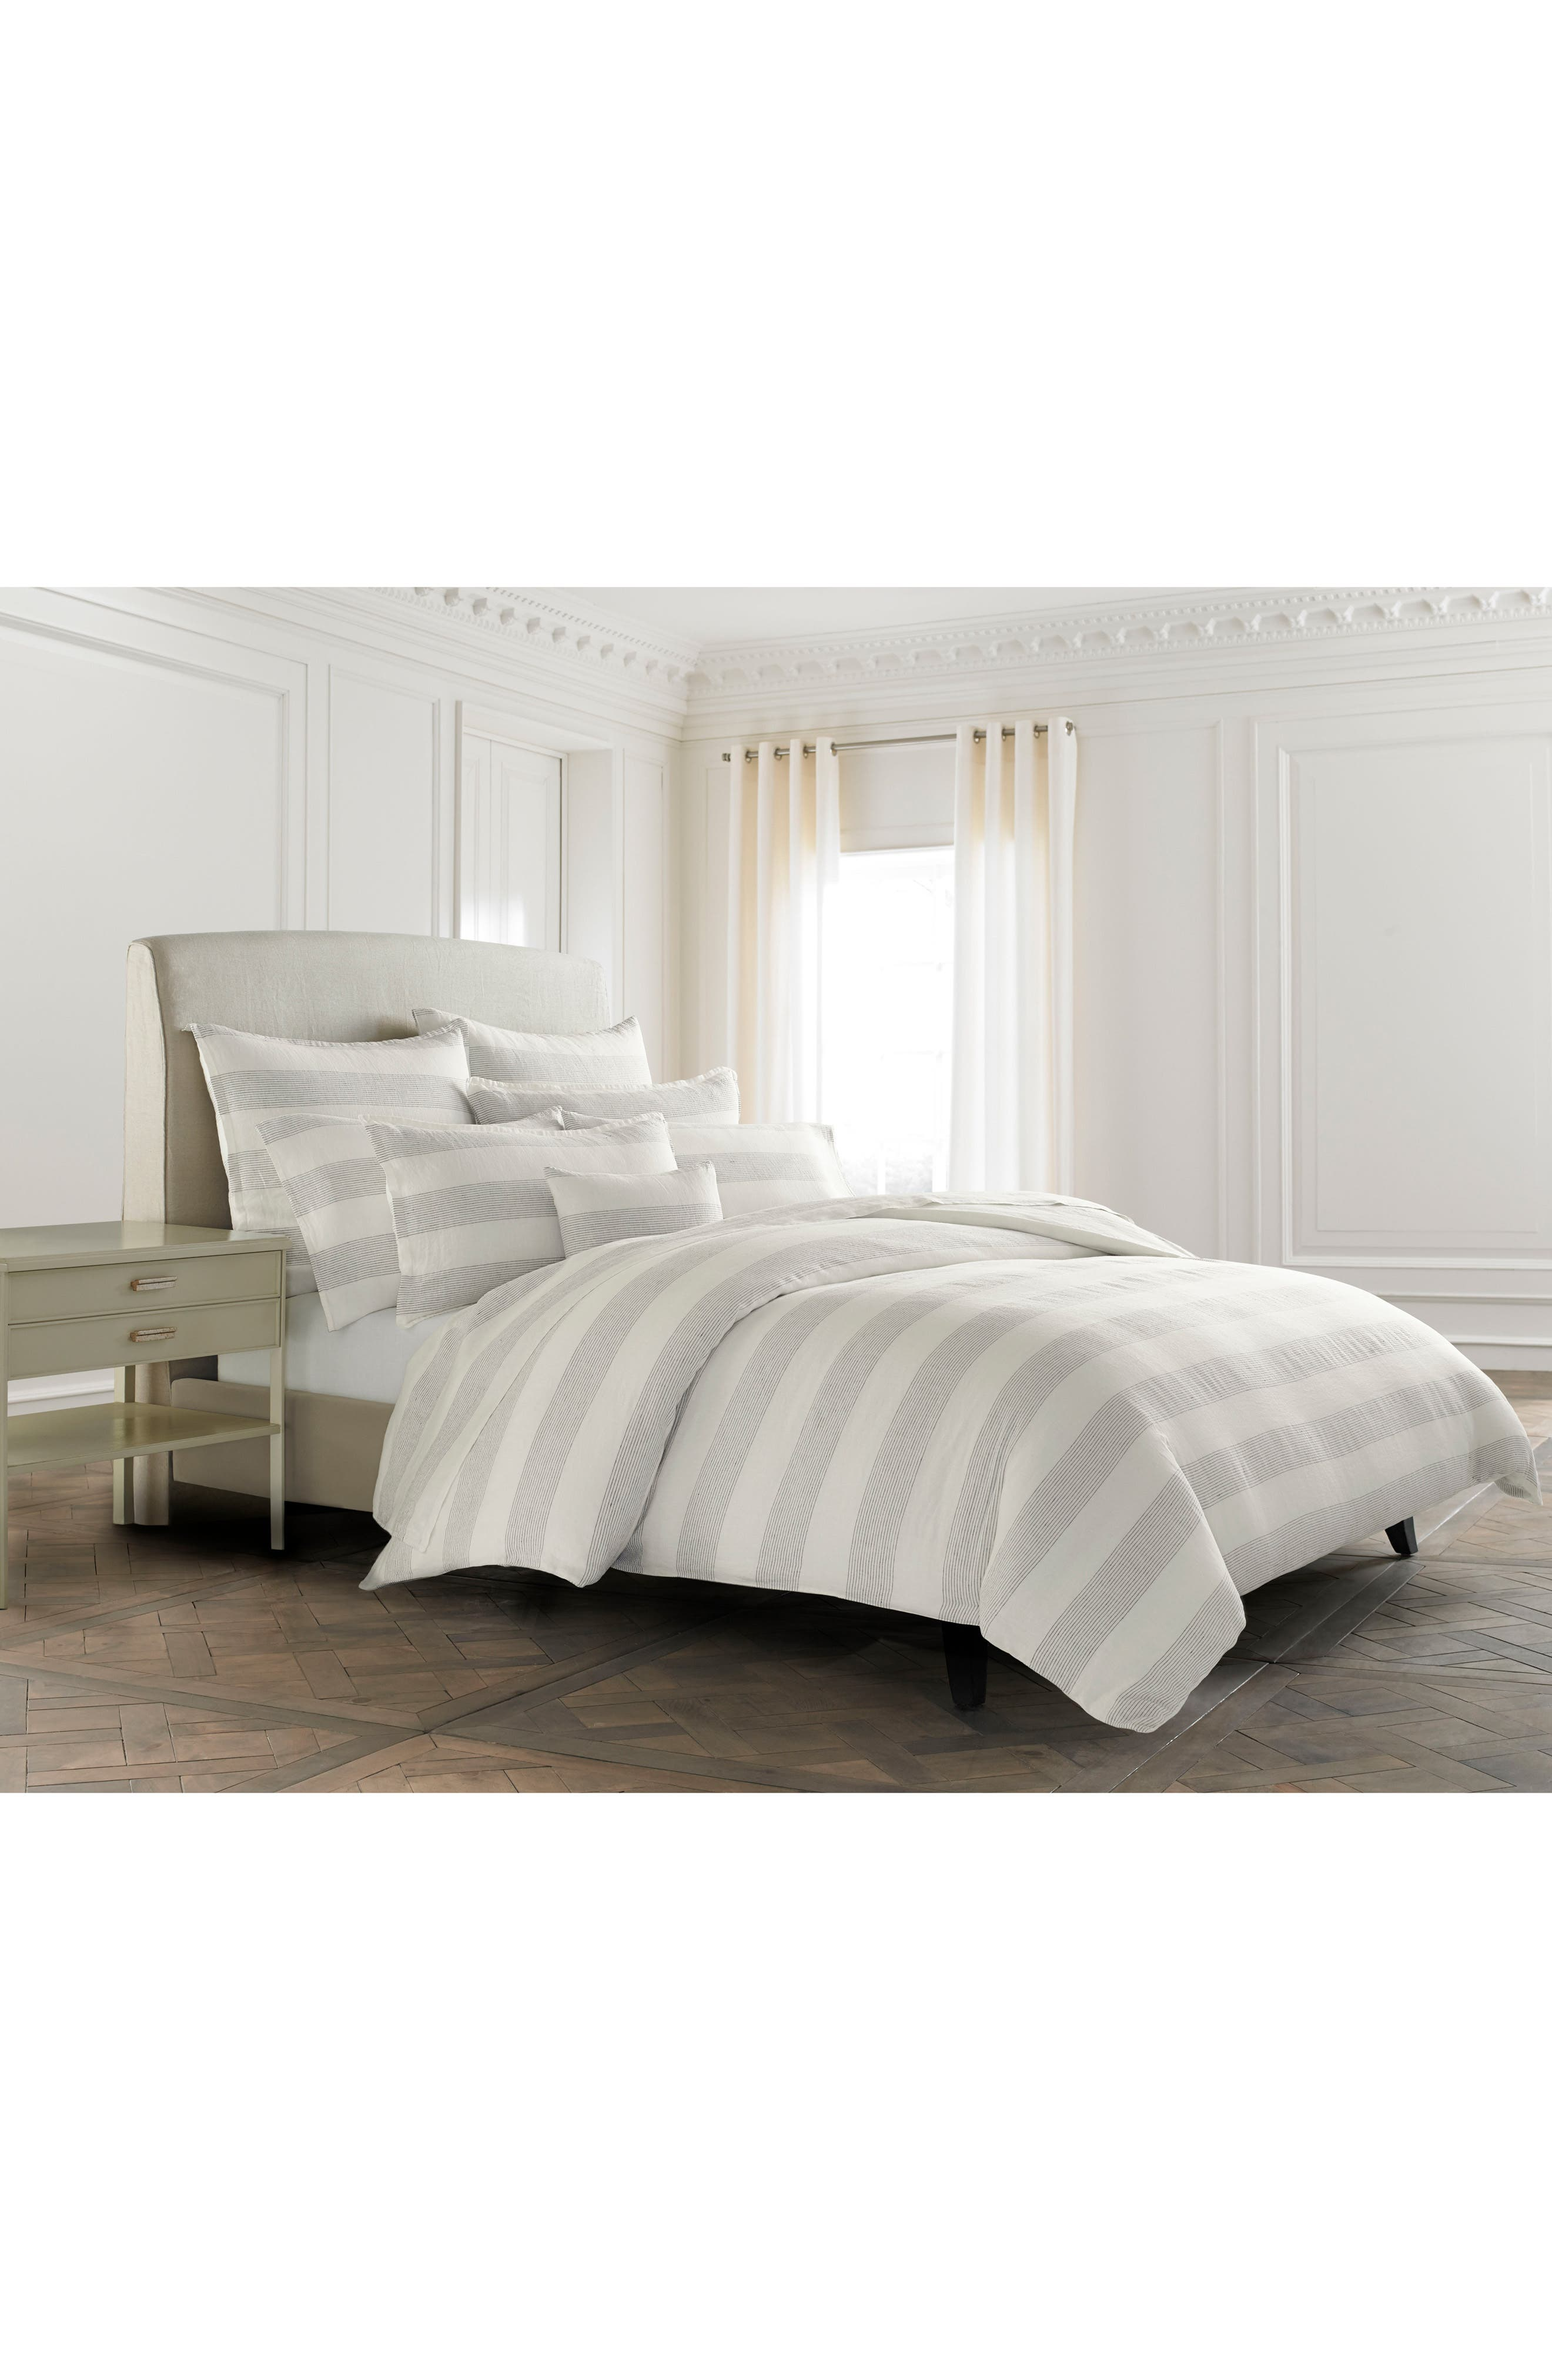 KASSATEX Amagansett Linen Bedding Collection